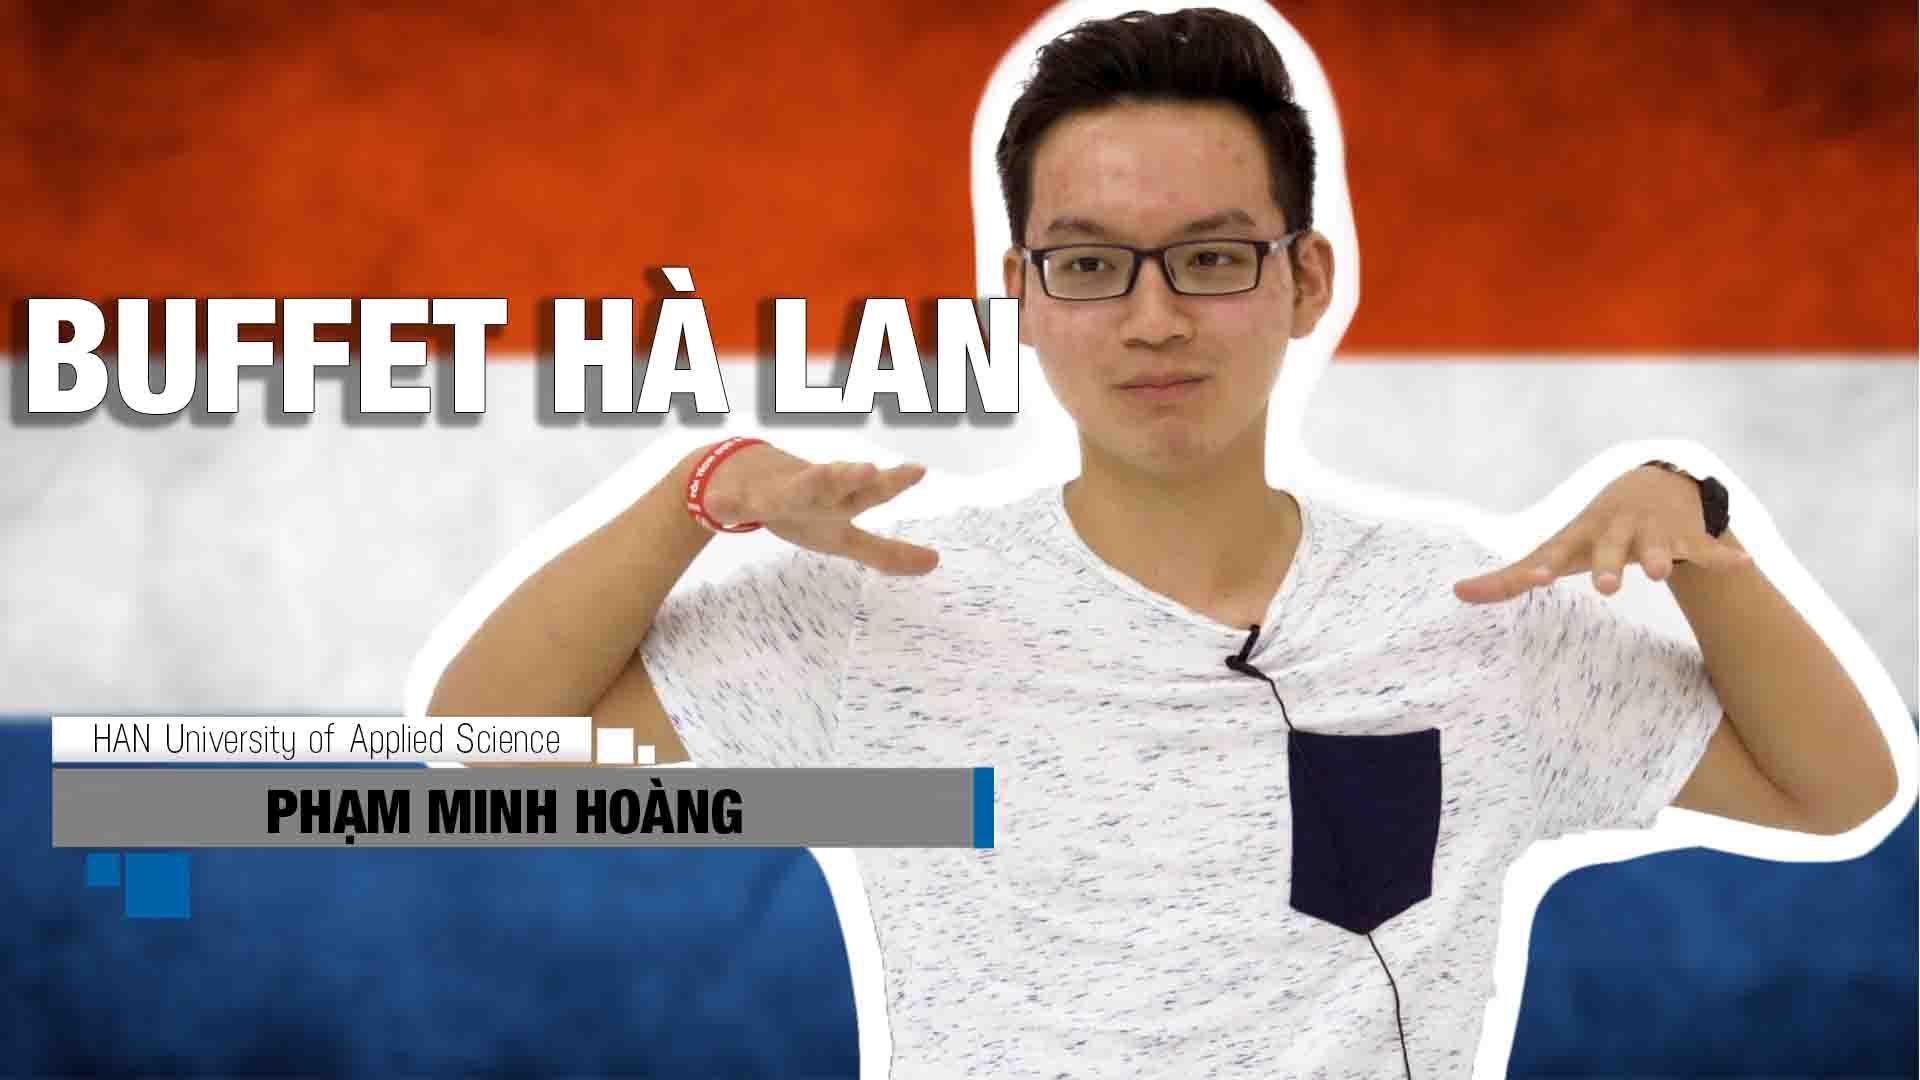 Một câu chuyện vui nho nhỏ về đời sống sinh viên tại Hà Lan của bạn Phạm Minh Hoàng, sinh viên năm 2 tại đại học Khoa Học Ứng Dụng HAN. Các bạn cùng nghe nếu thấy hay thì like và subscribe nhé!